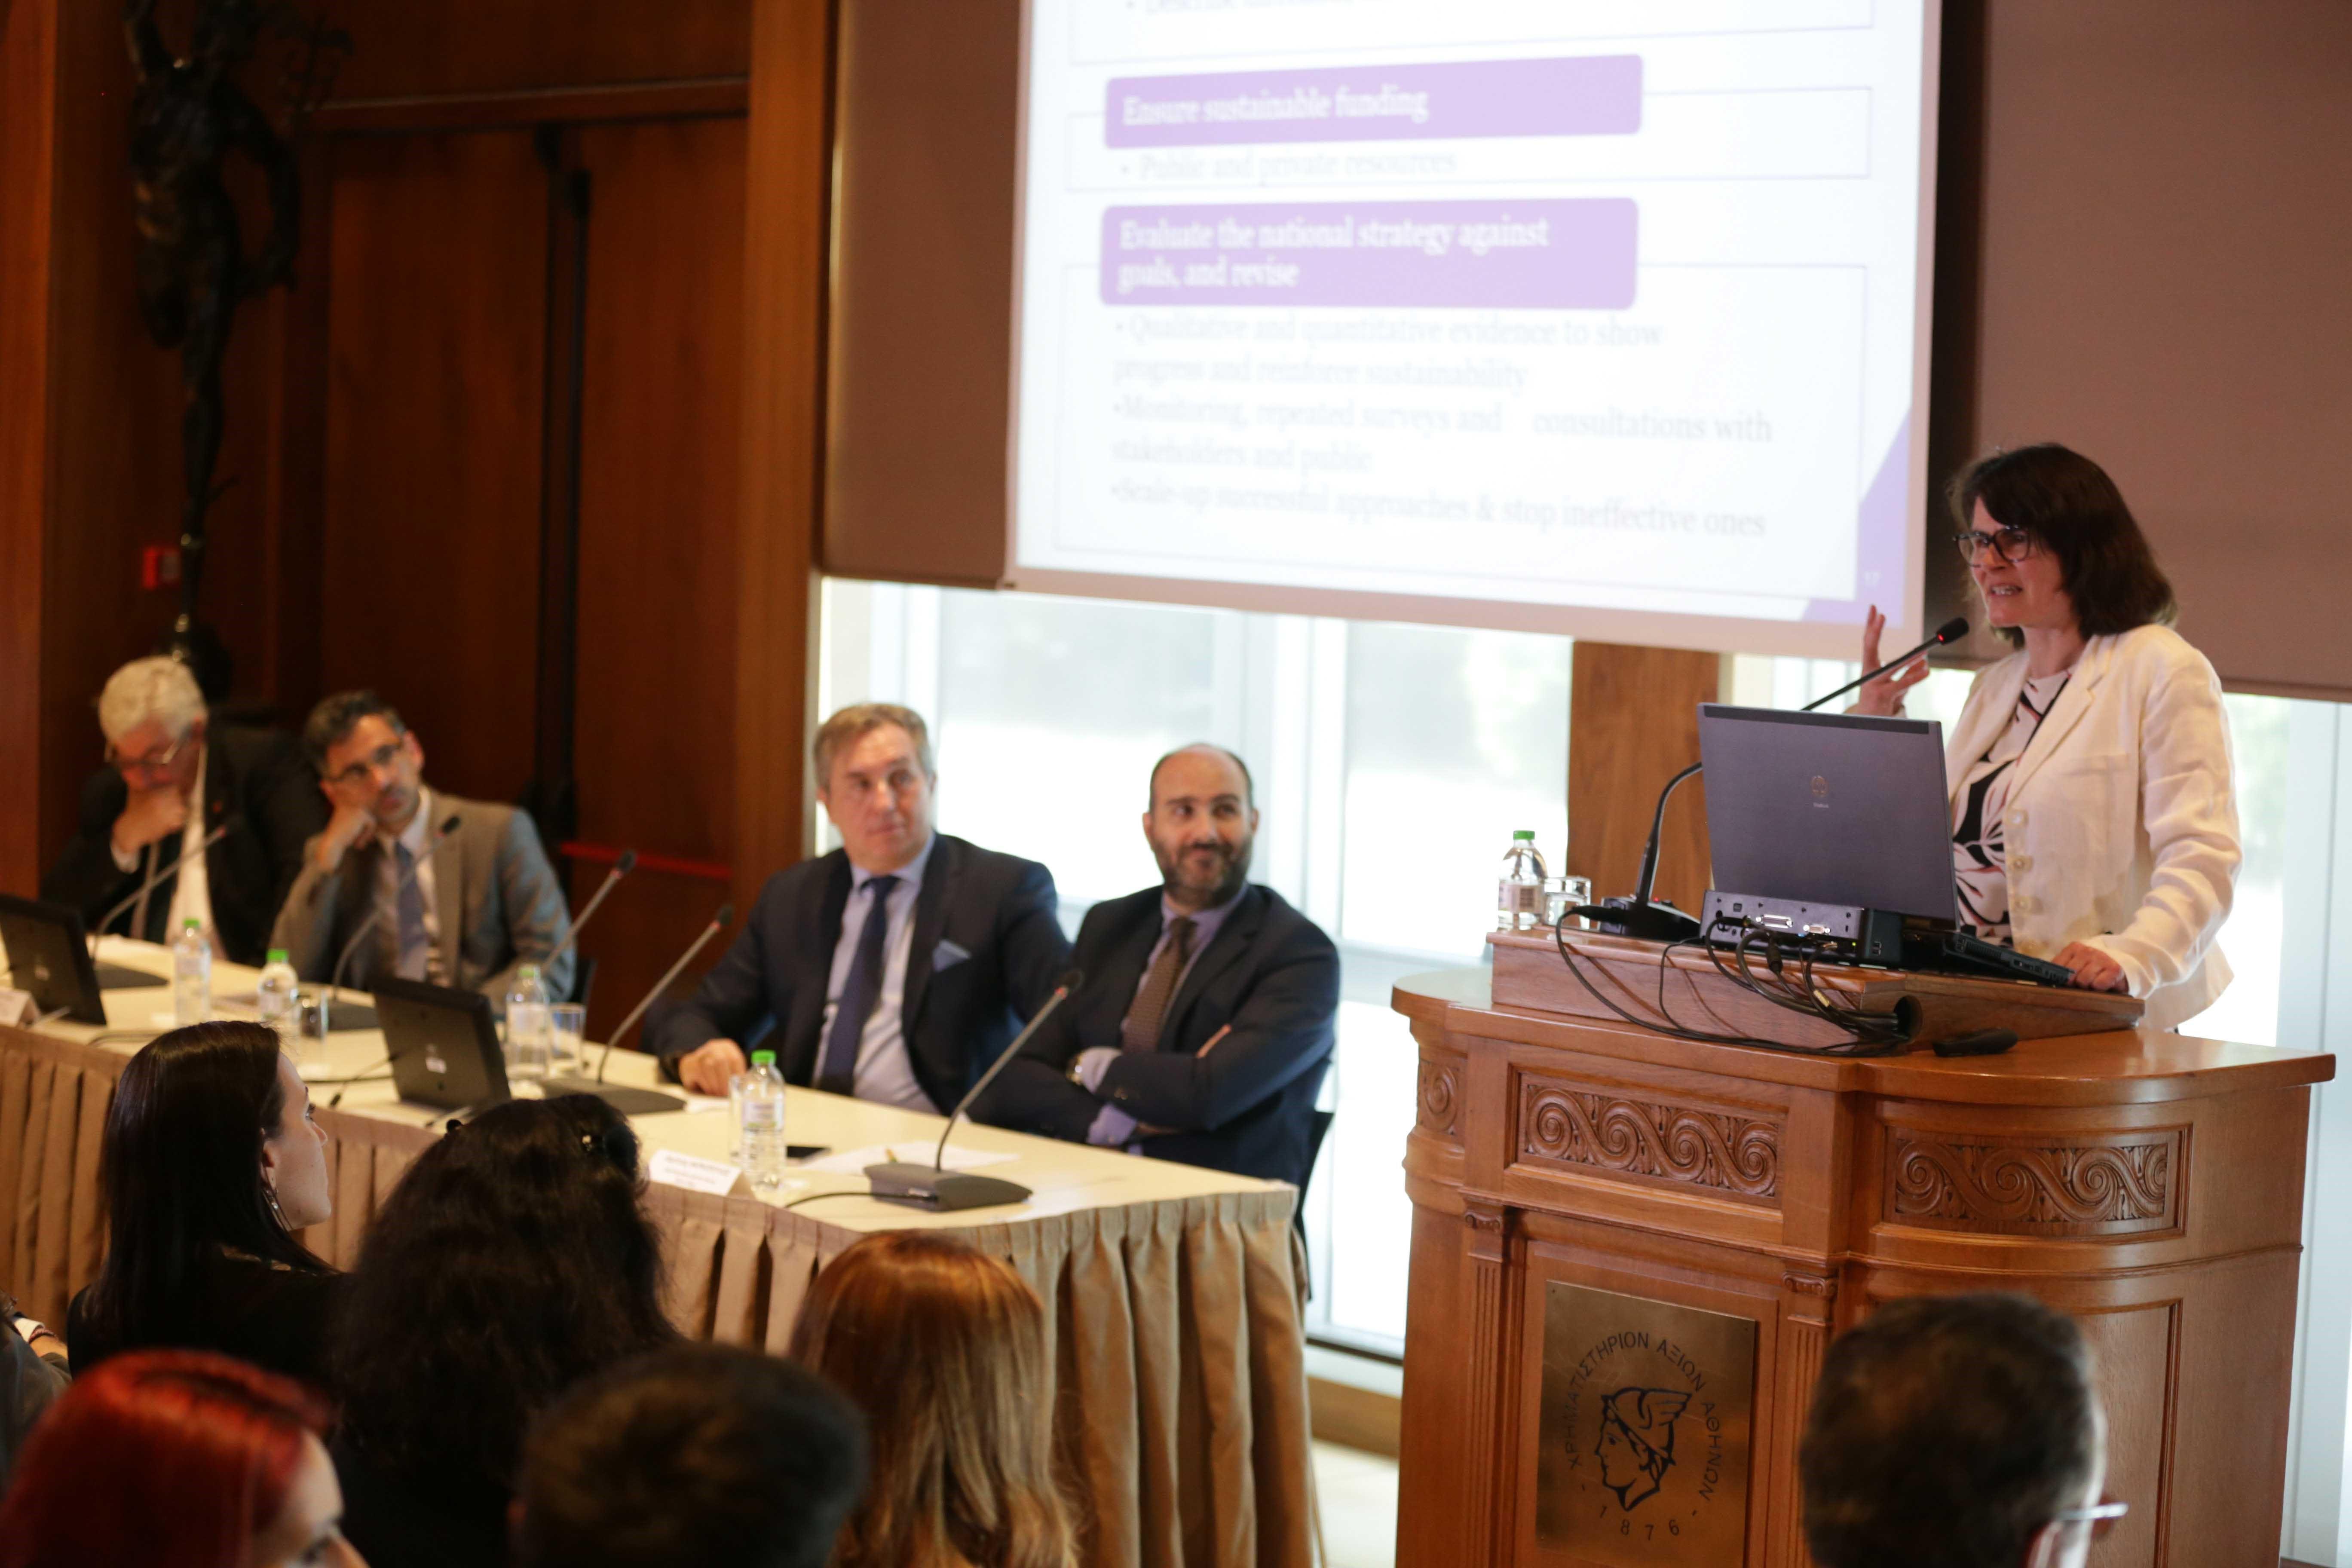 Ολοκληρώθηκαν οι εργασίες του Β' ετήσιου συνεδρίου για τον Χρηματοοικονομικό Αλφαβητισμό